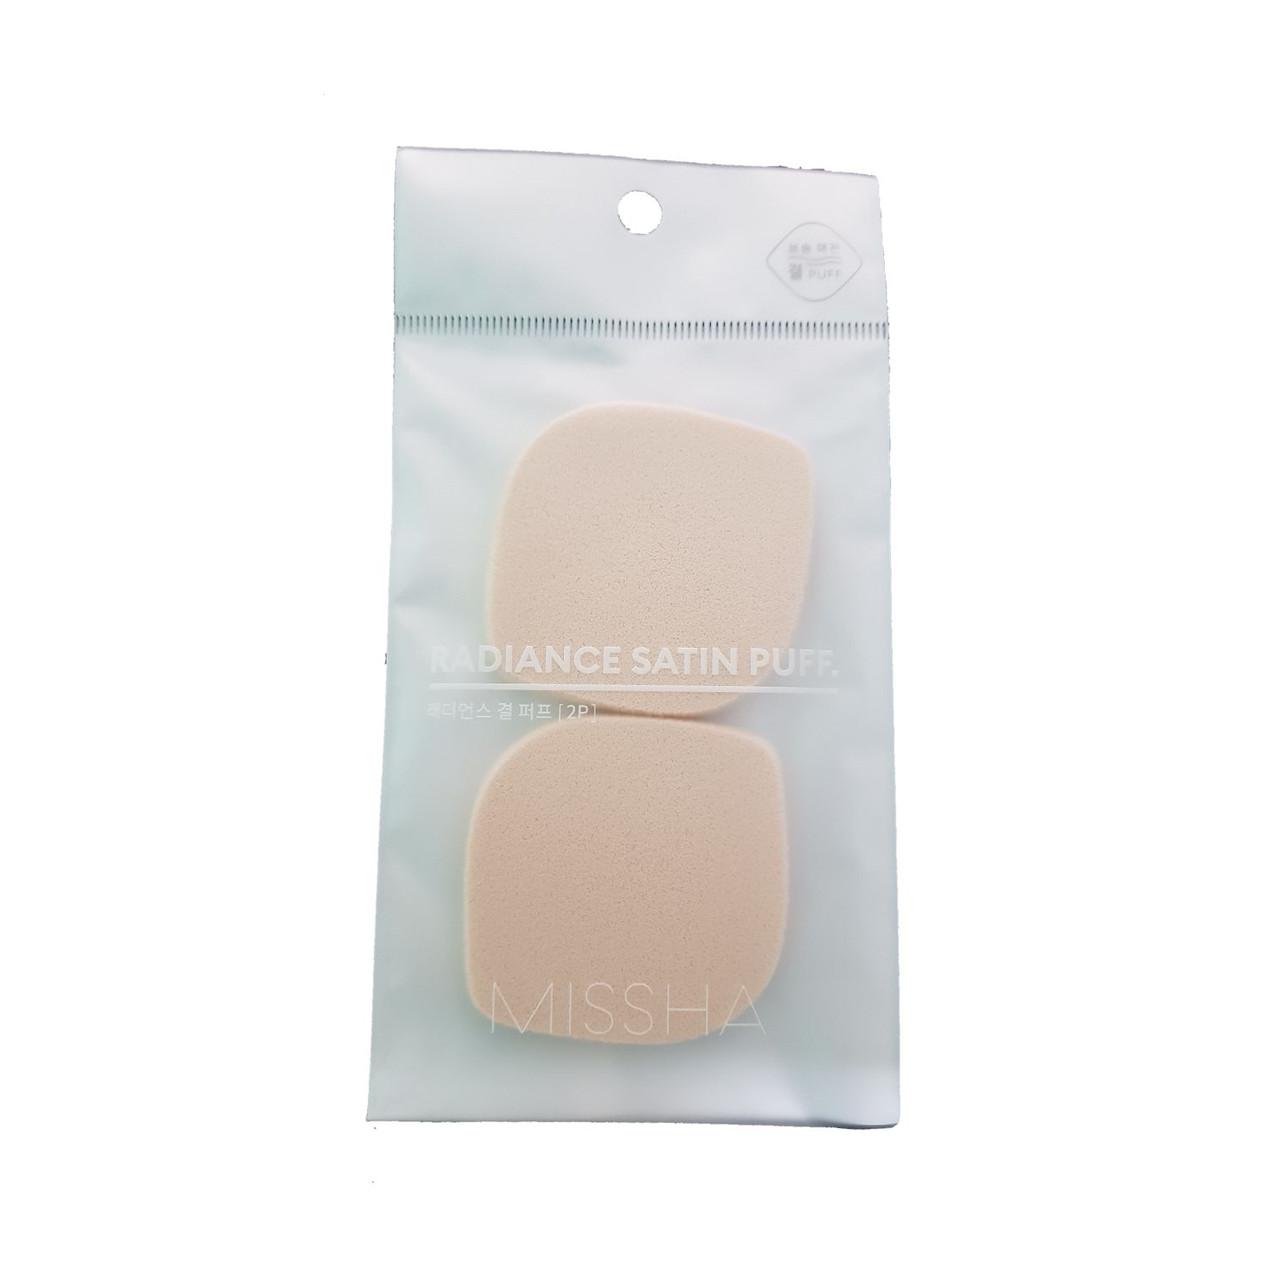 Спонж для макияжа сатиновый Missha Radiance Satin Puff 2 шт (8809530078631)